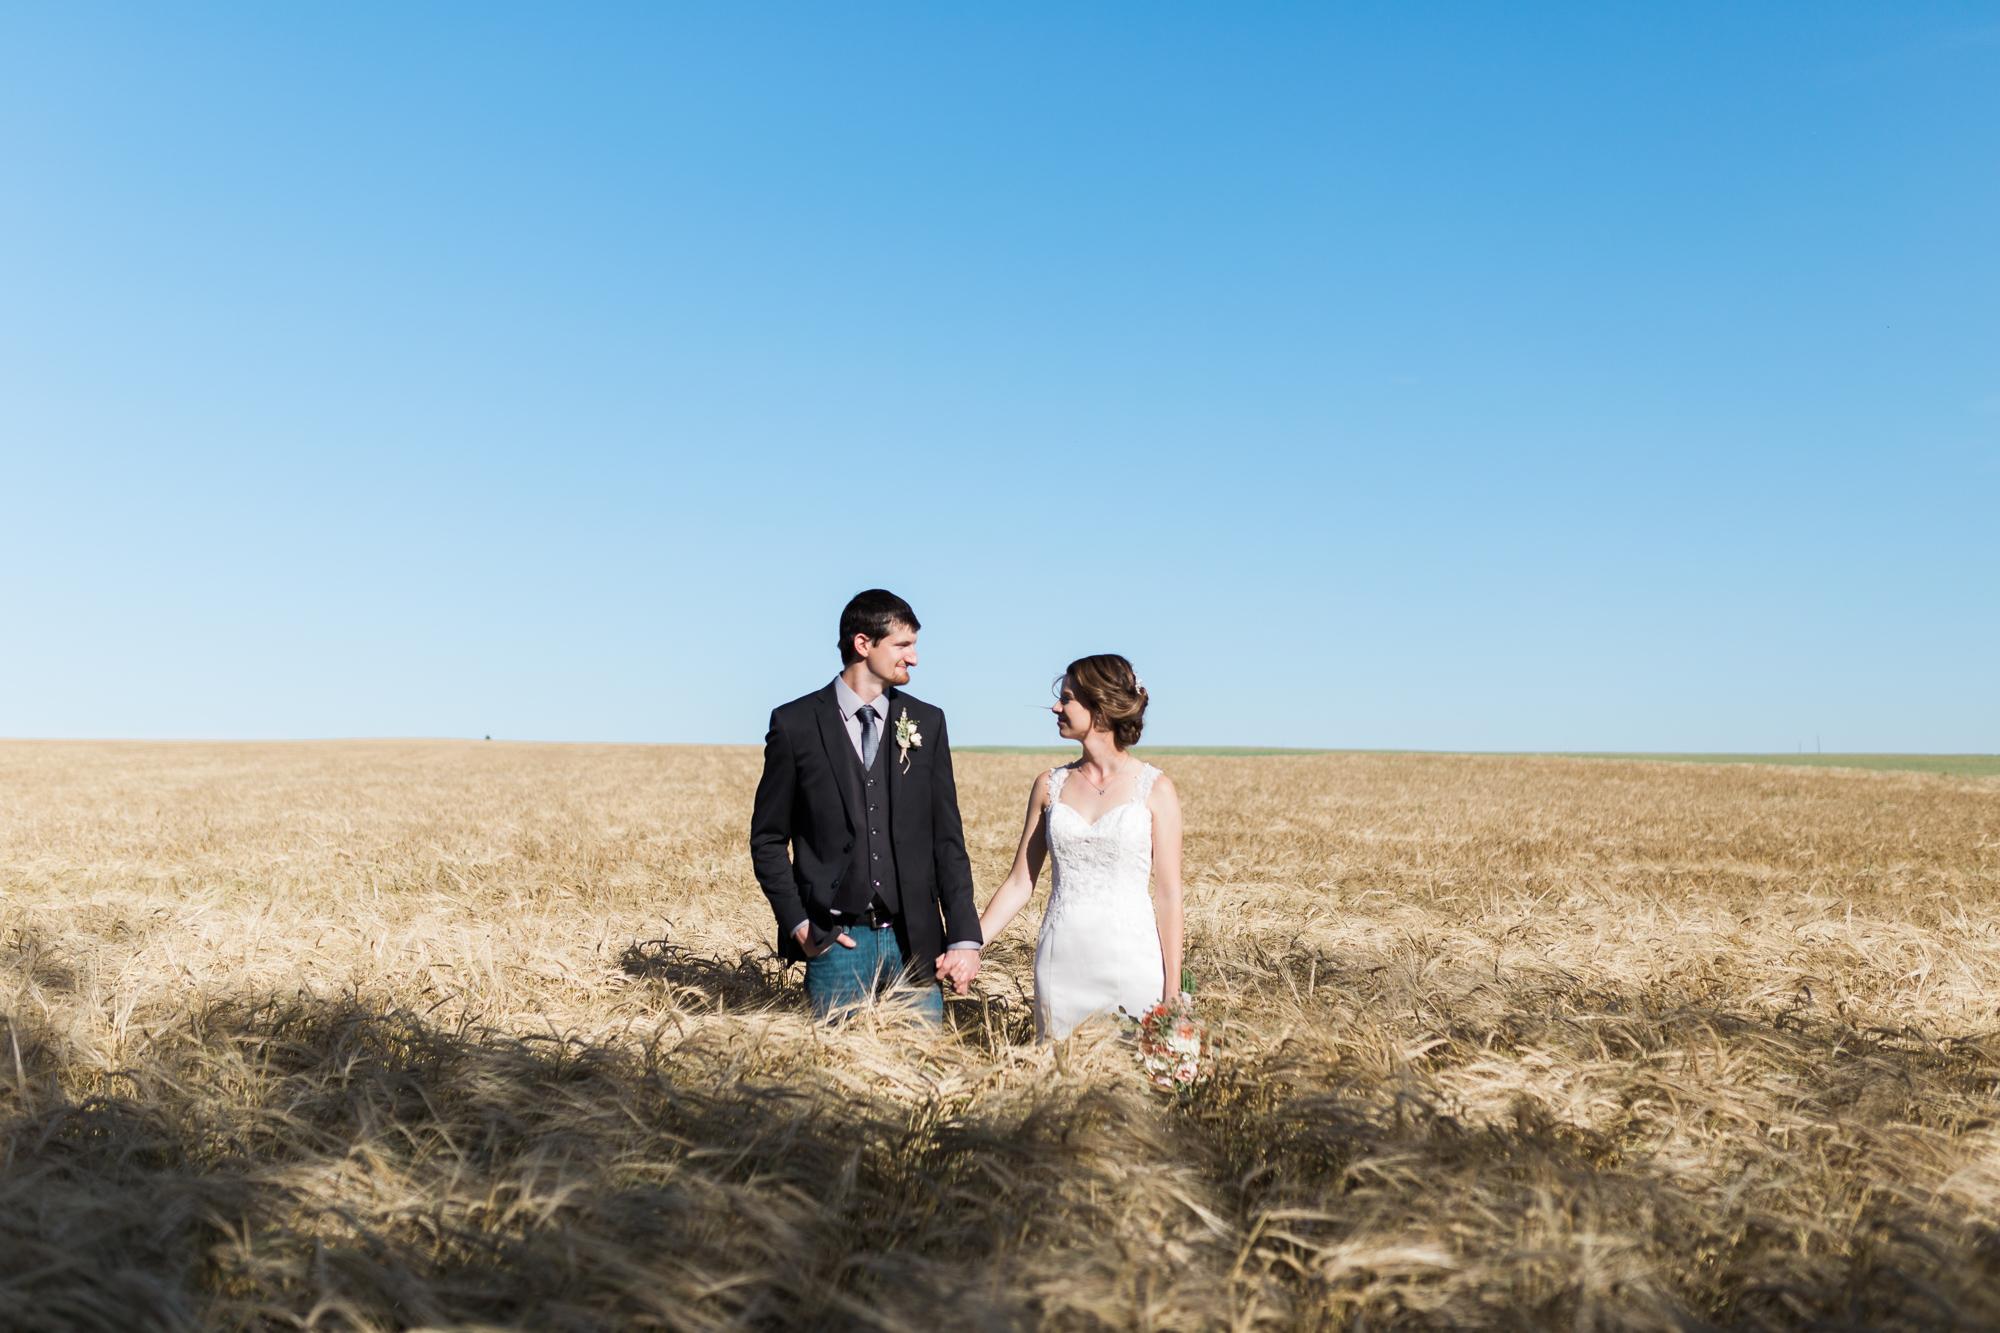 Deanna-Rachel-Photography-calgary-Wedding-photographer-jm-64.jpg